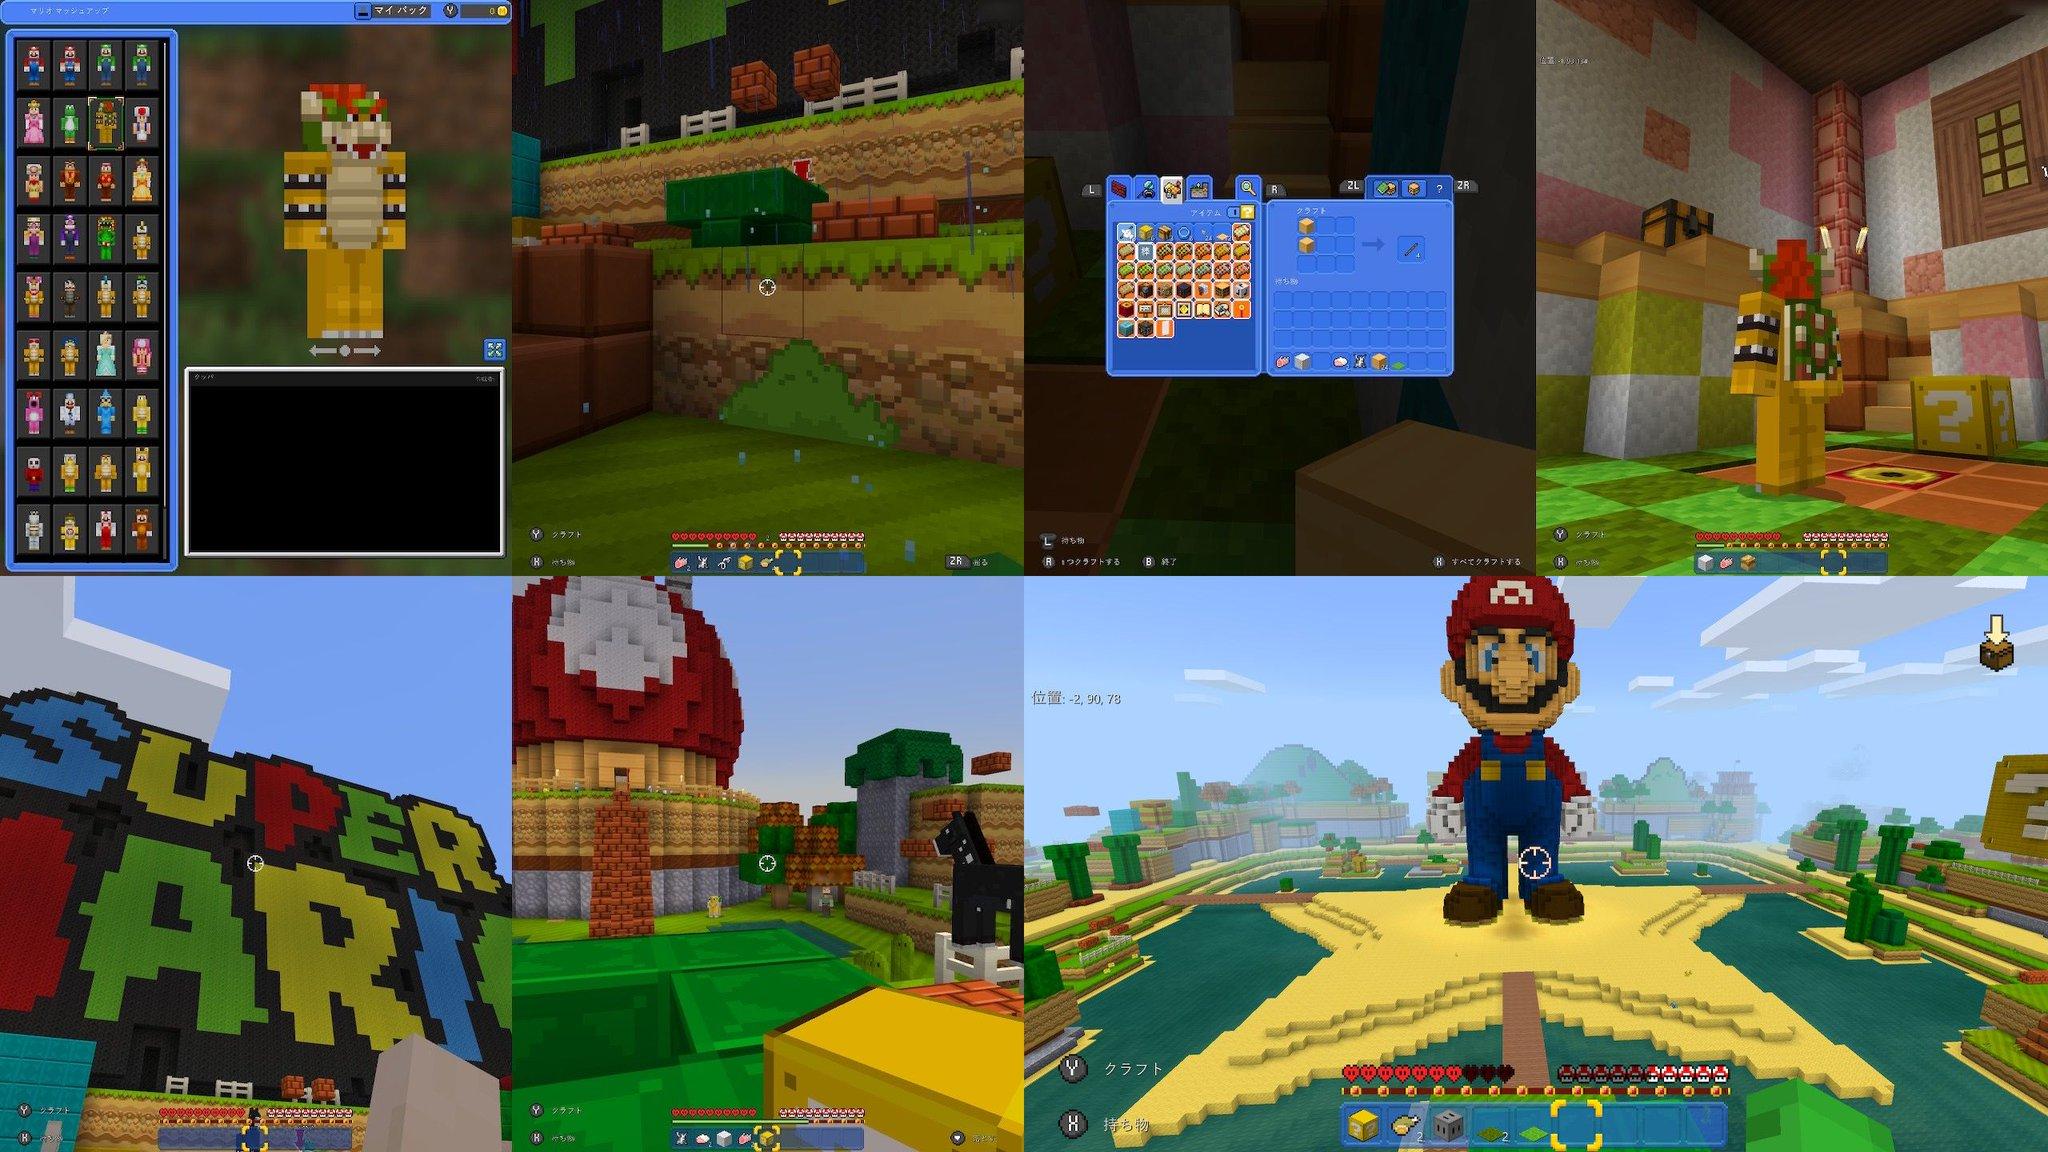 マリオマッシュアップ。スキンをクッパにしてみたり。ノコノコを倒すと実際は羊だったり。2人同時プレイは1画面で縦割・横割が選べたり。  #Minecraft #マイクラ #マインクラフト #NintendoSwitch https://t.co/sW63GoFR8U